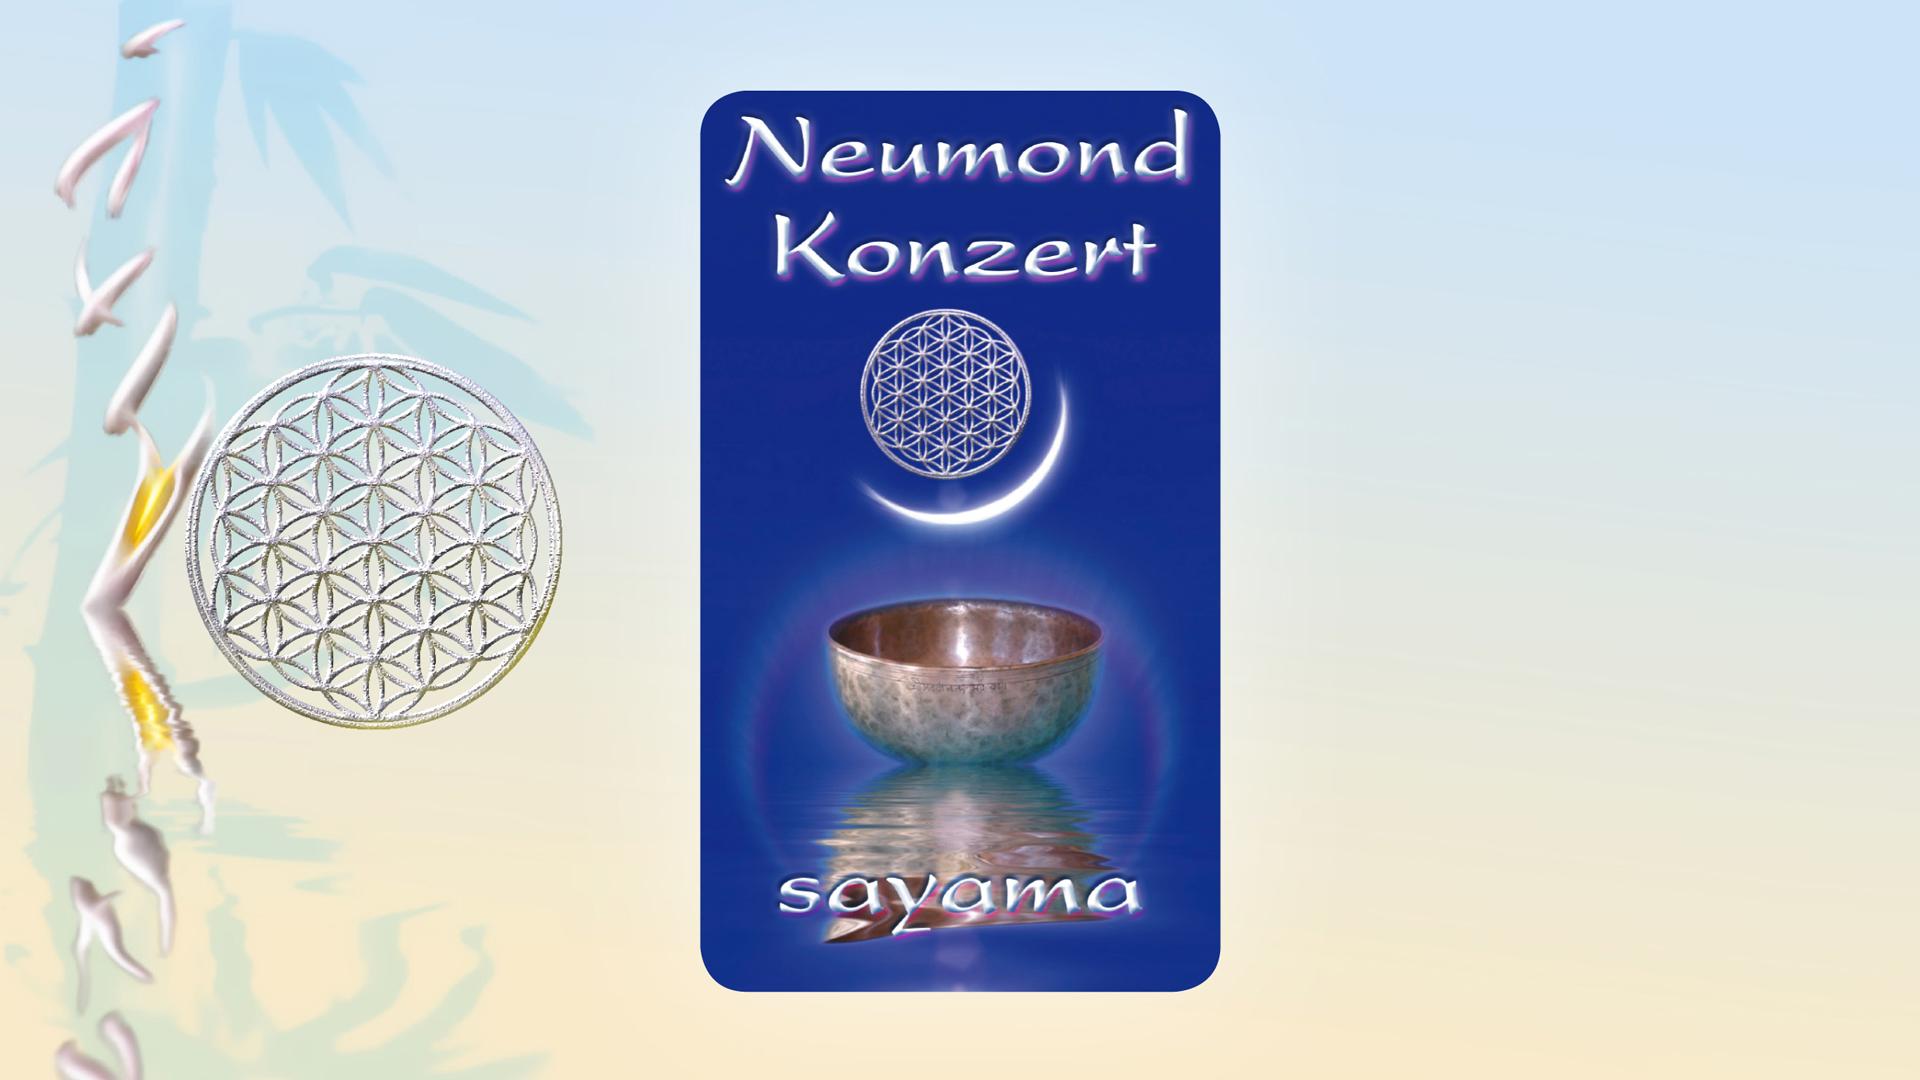 NeuMond~Konzert Mitte Februar im Zeichen Wassermann / Uranus